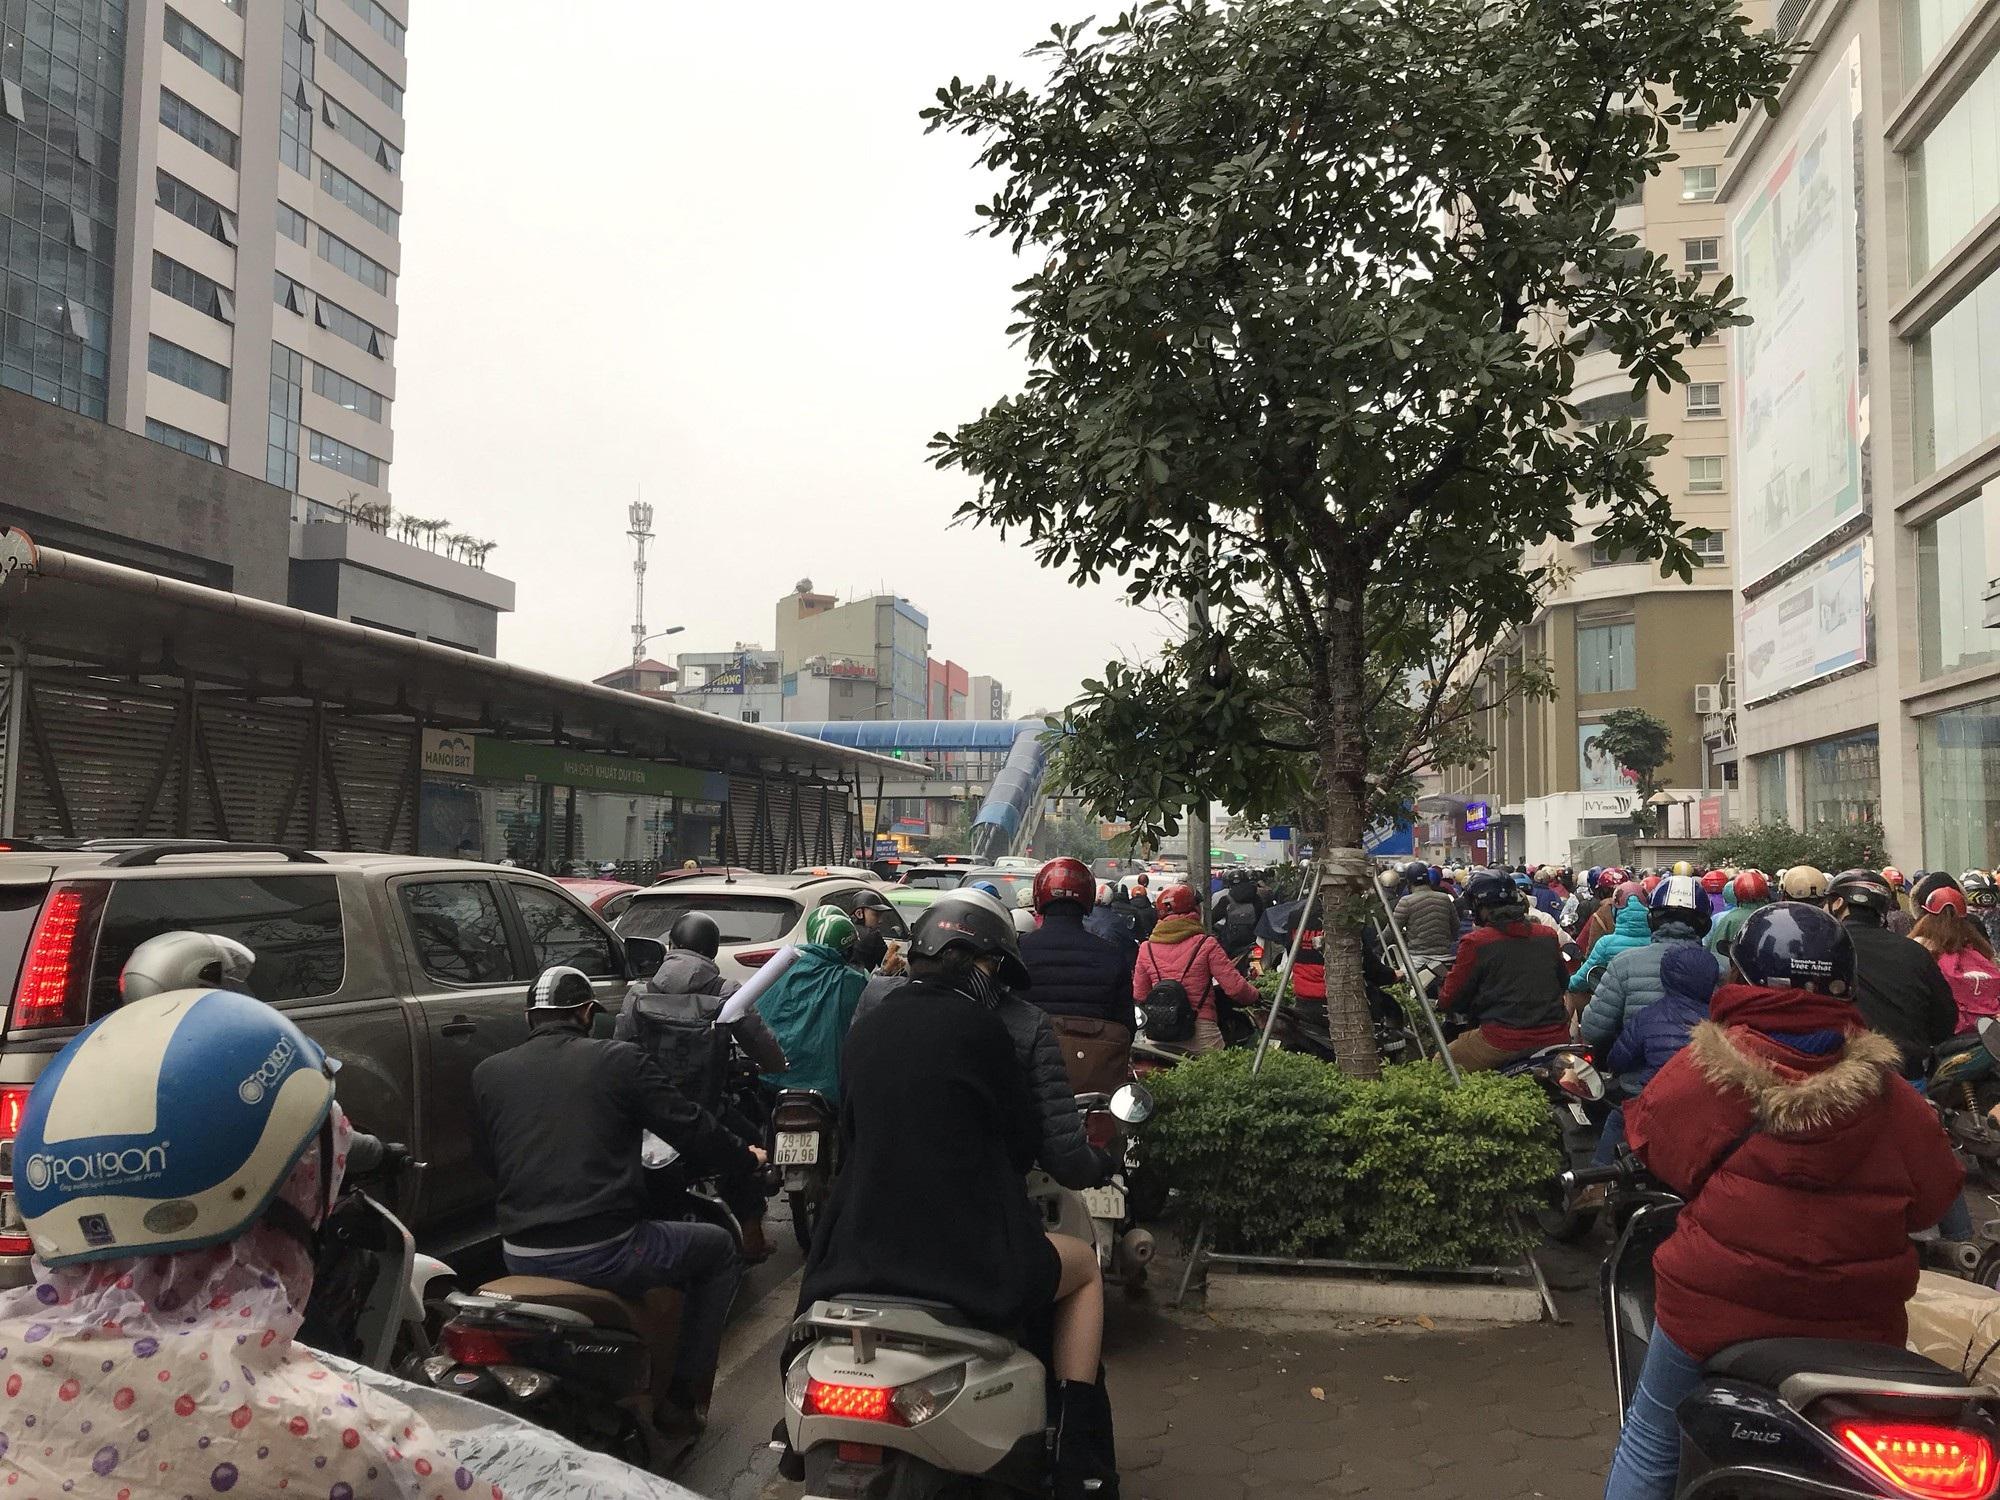 Giao thông phía Tây Nam Hà Nội tê liệt trong cơn mưa phùn - Ảnh 2.